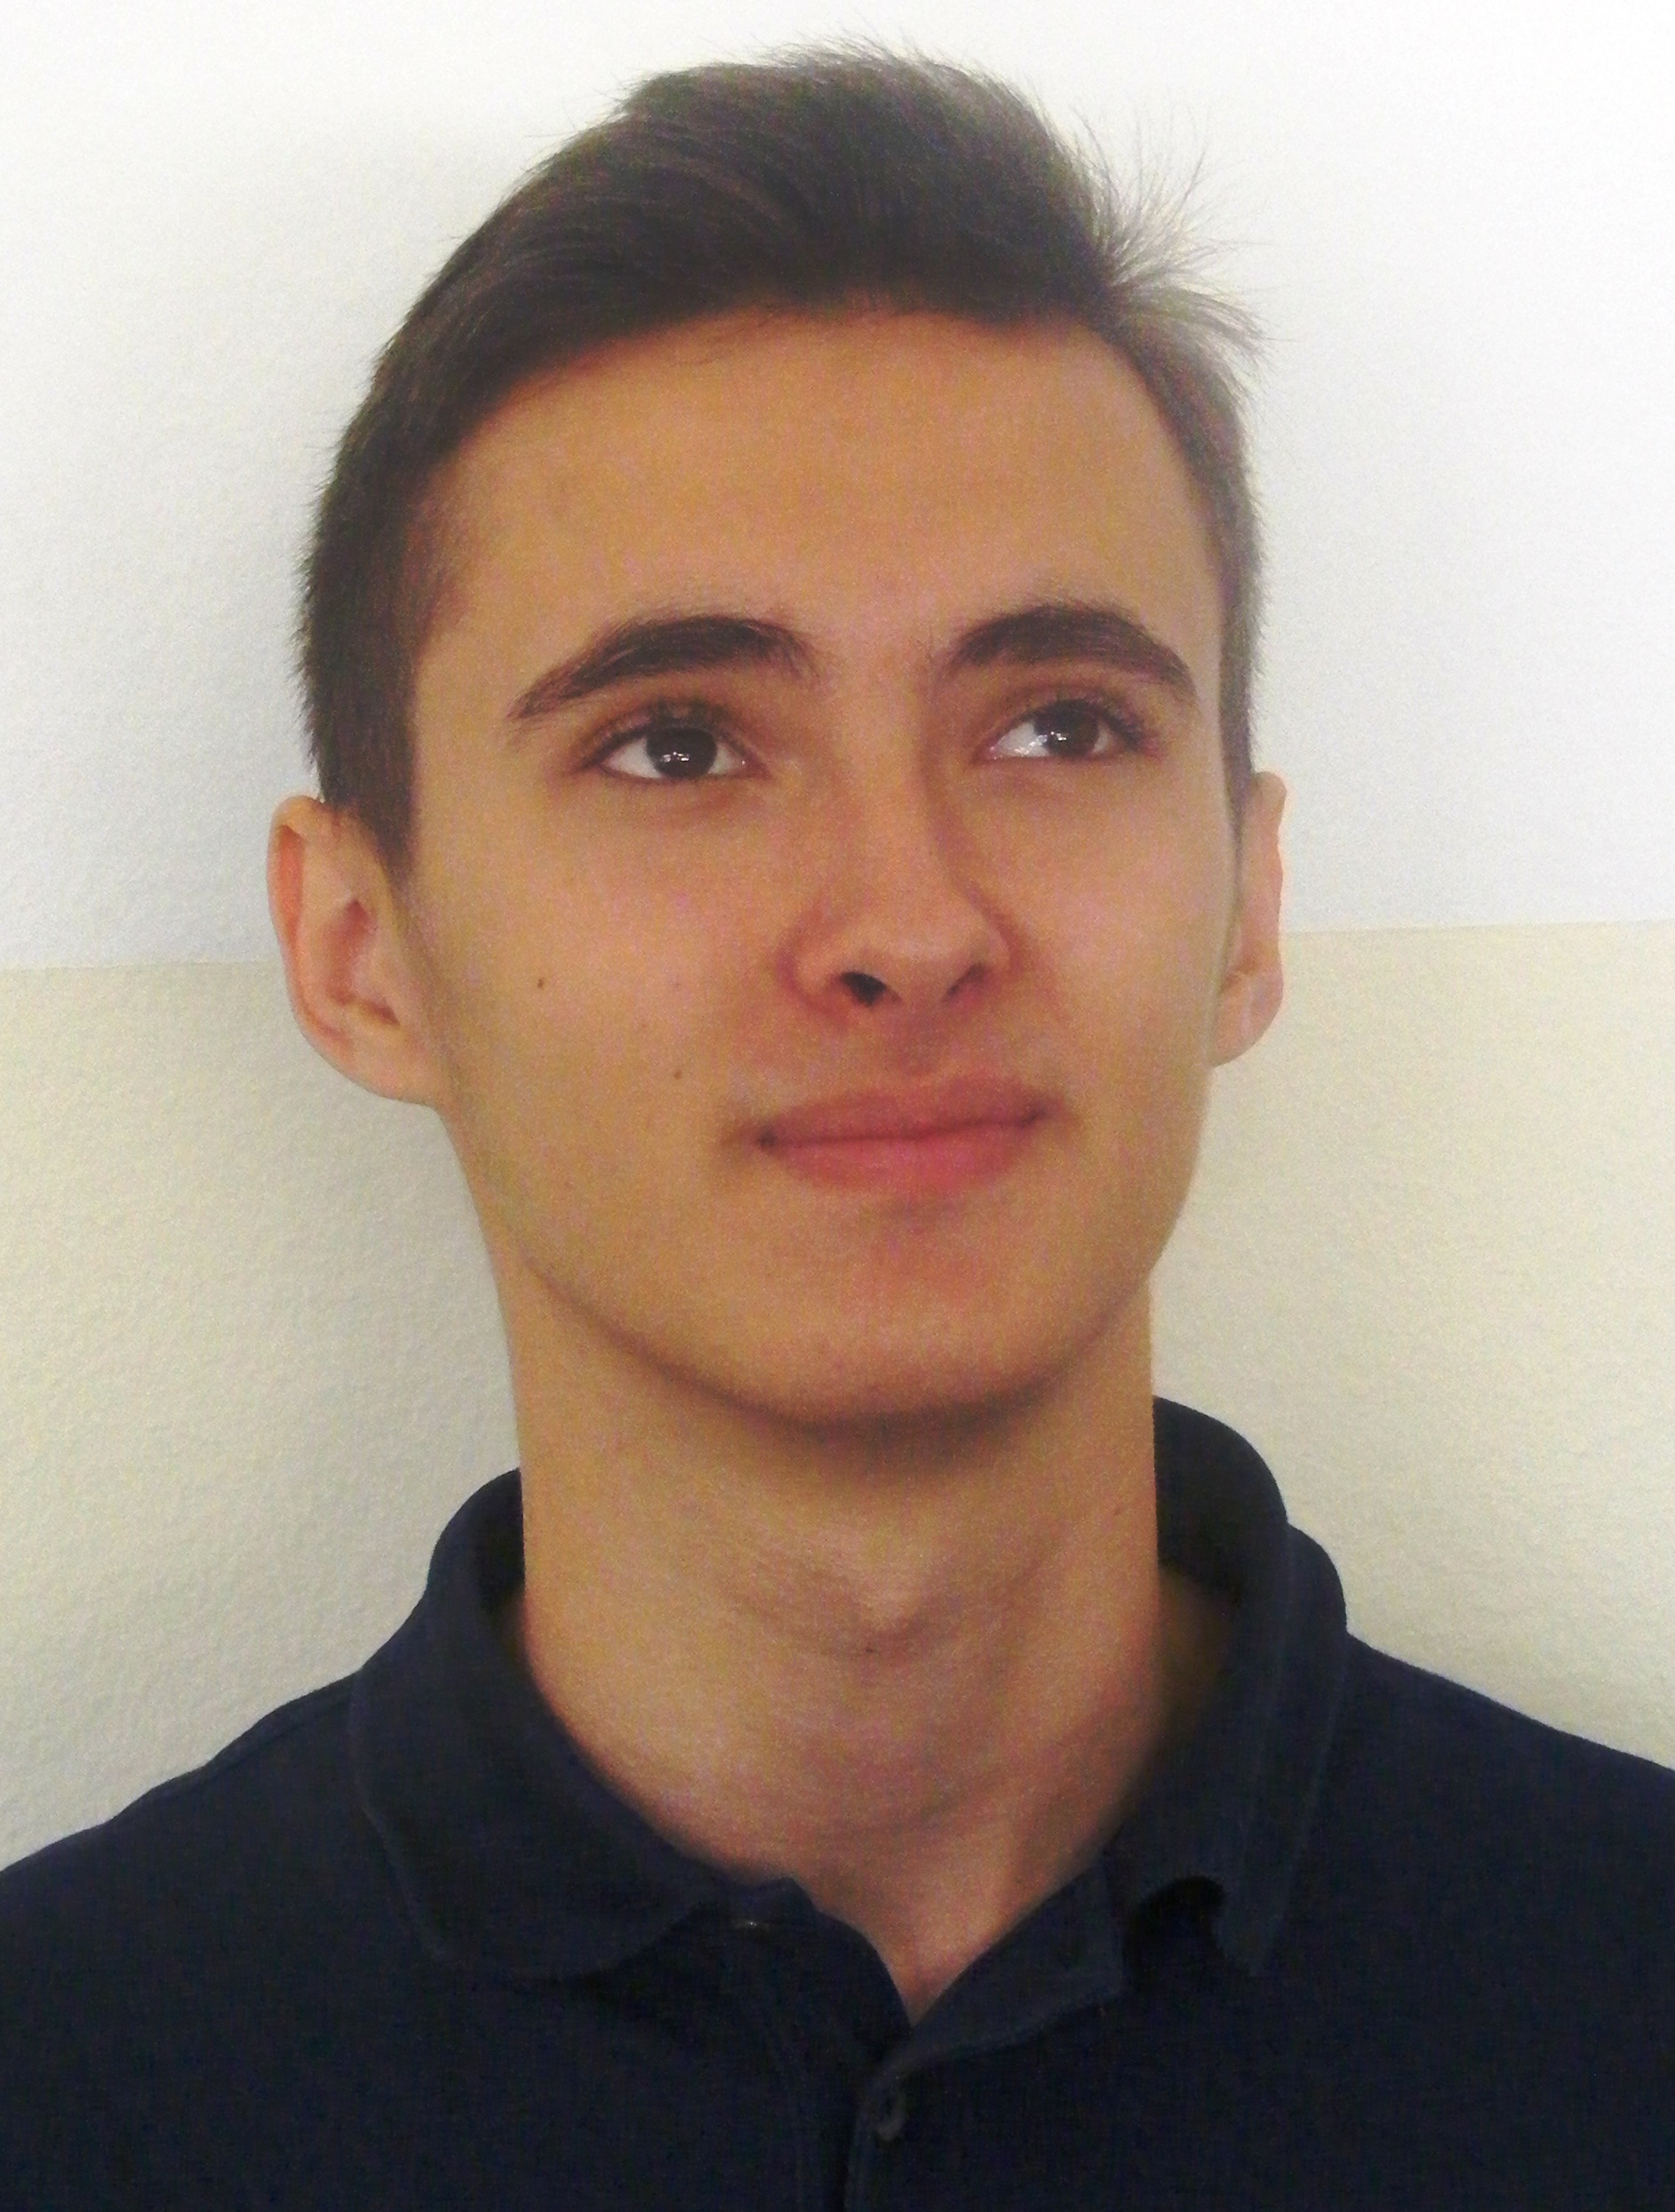 Maks Čečatka